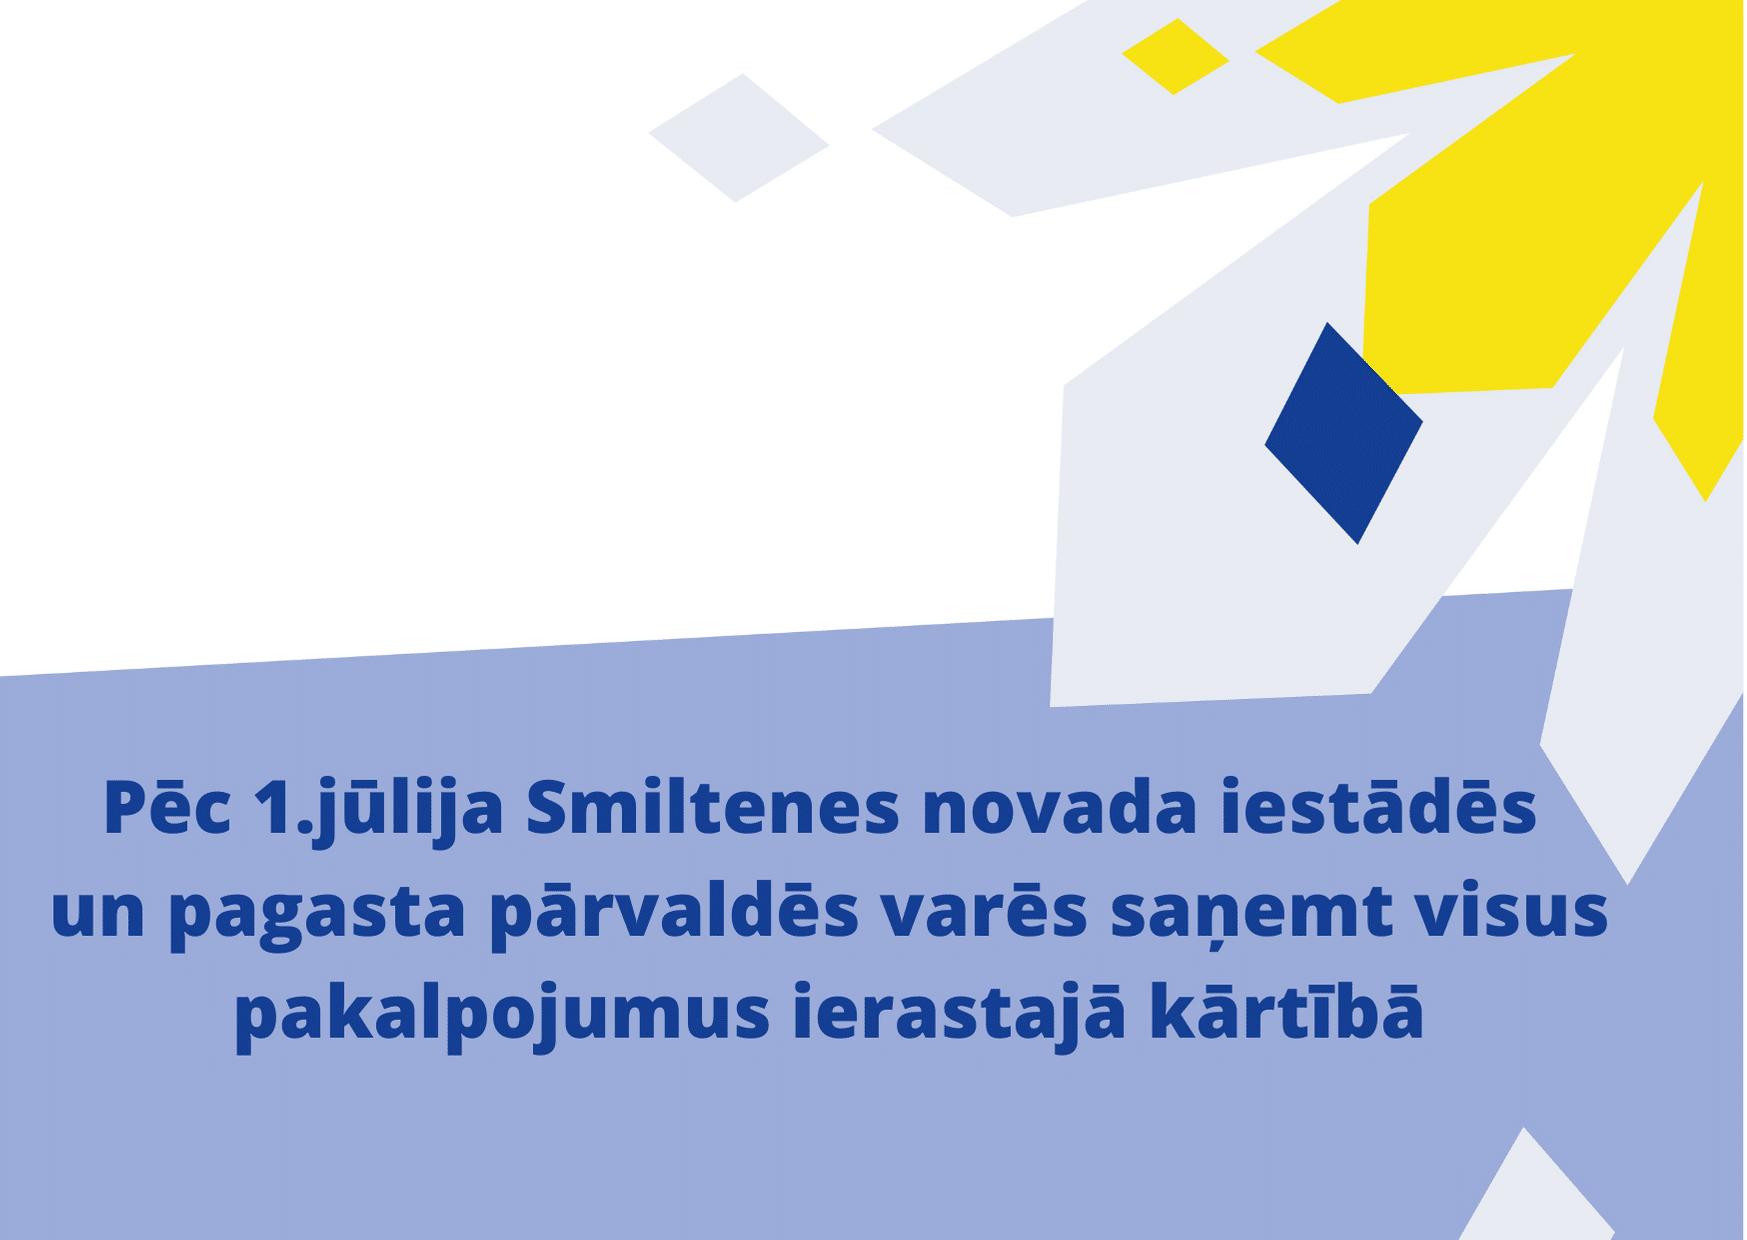 Pēc 1.jūlija Smiltenes novada iestādēs un pagasta pārvaldēs varēs saņemt visus pakalpojumus ierastajās pakalpojumu sniegšanas vietās un kārtībā